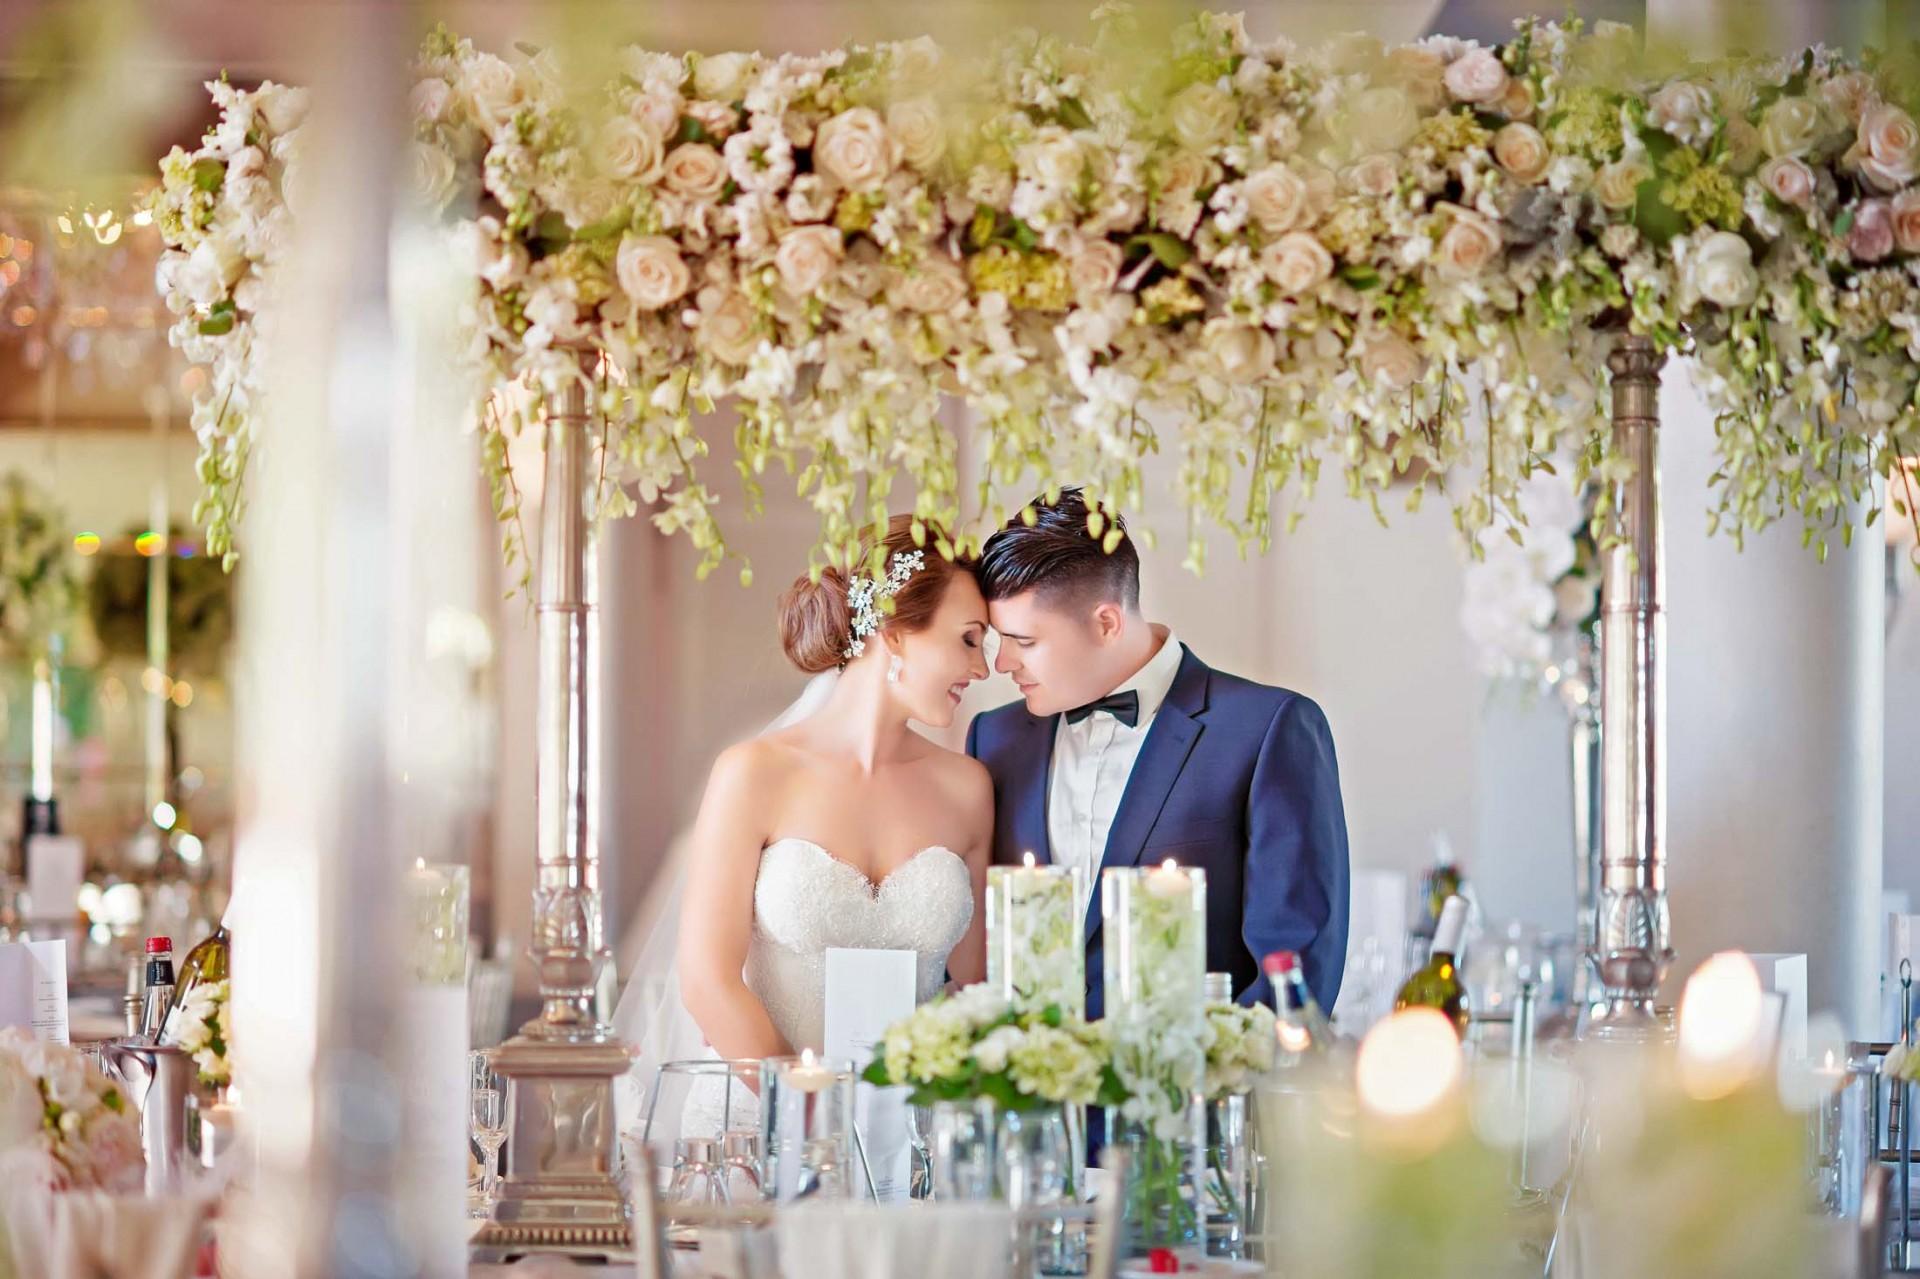 Best Wedding Photos in Sydney